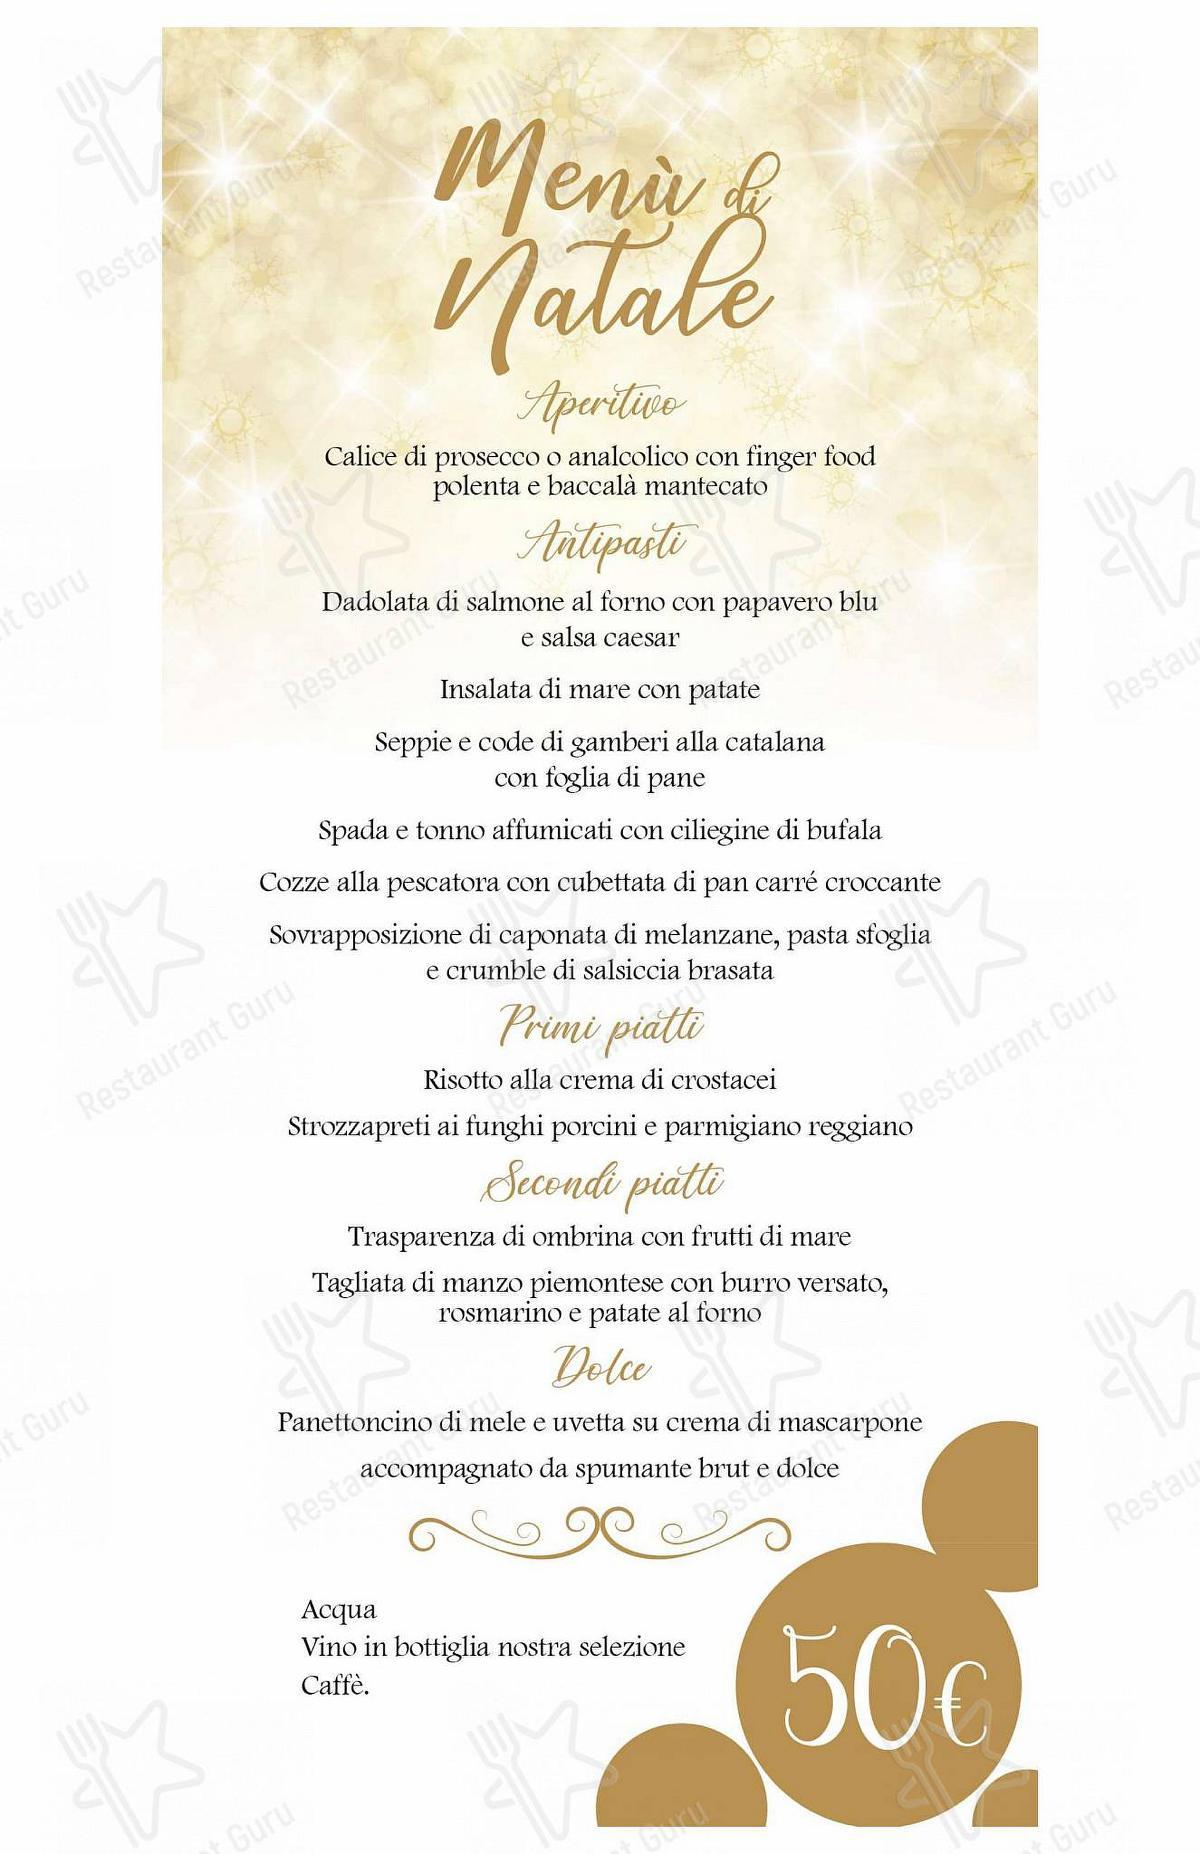 Menu di Ristorante Pizzeria Sabi - Ristorante Sabi Menu